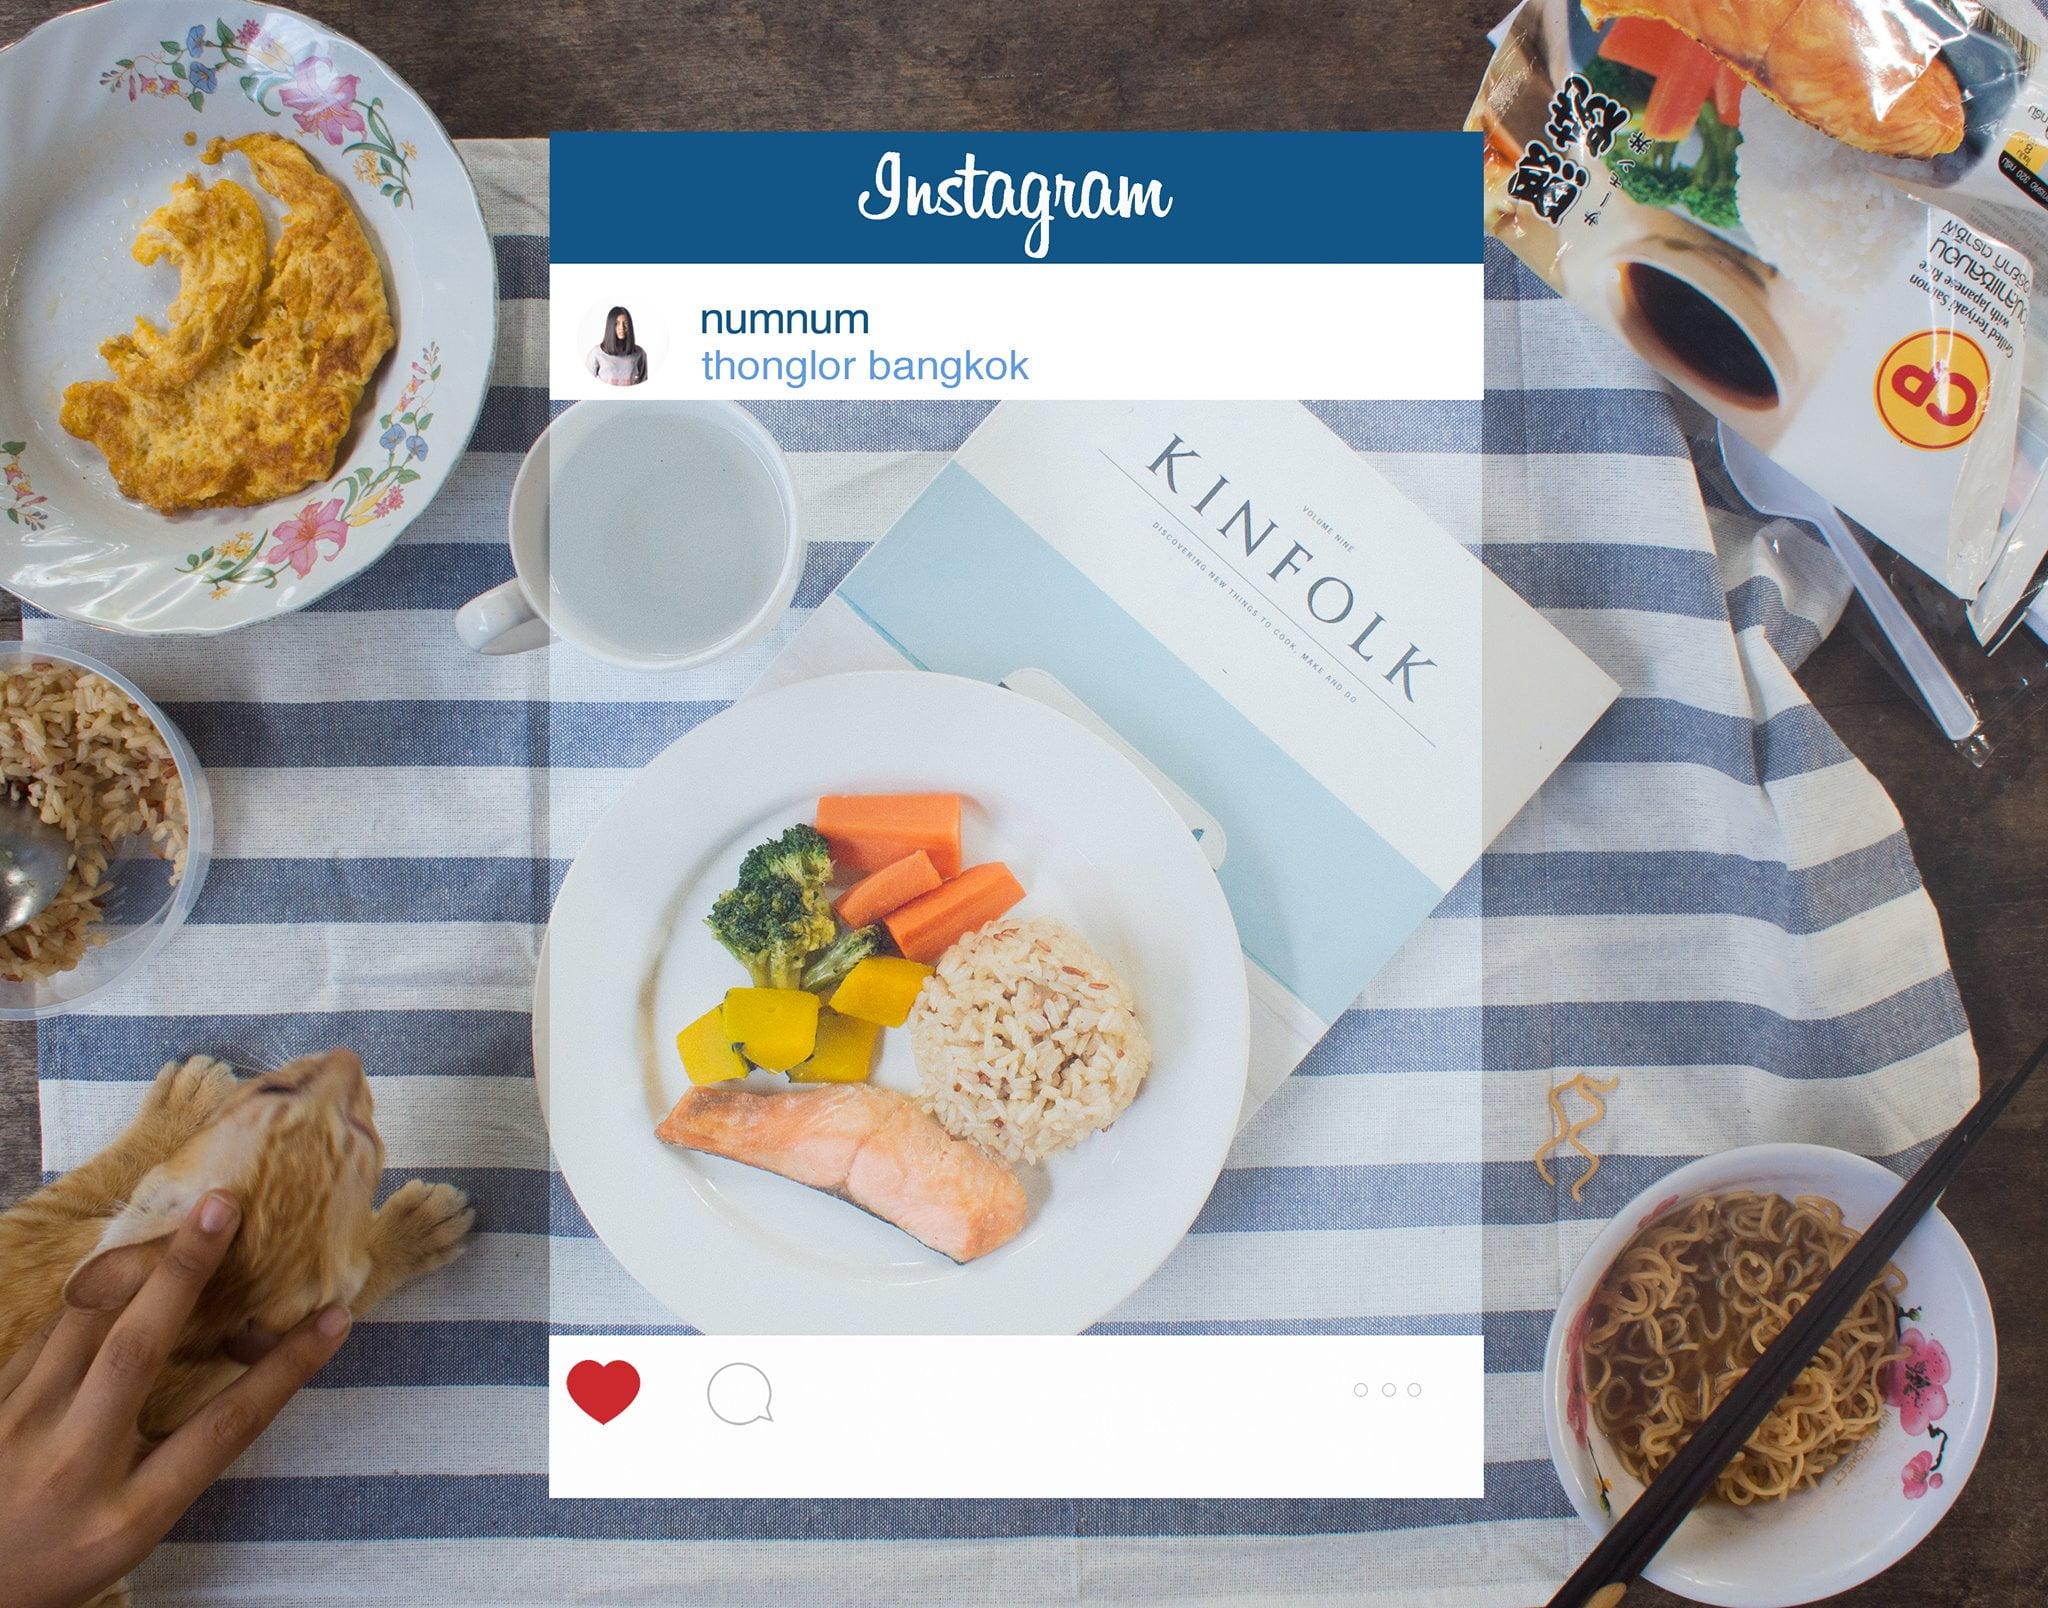 chompoo-baritone-5 La face cachée des photos sur Instagram